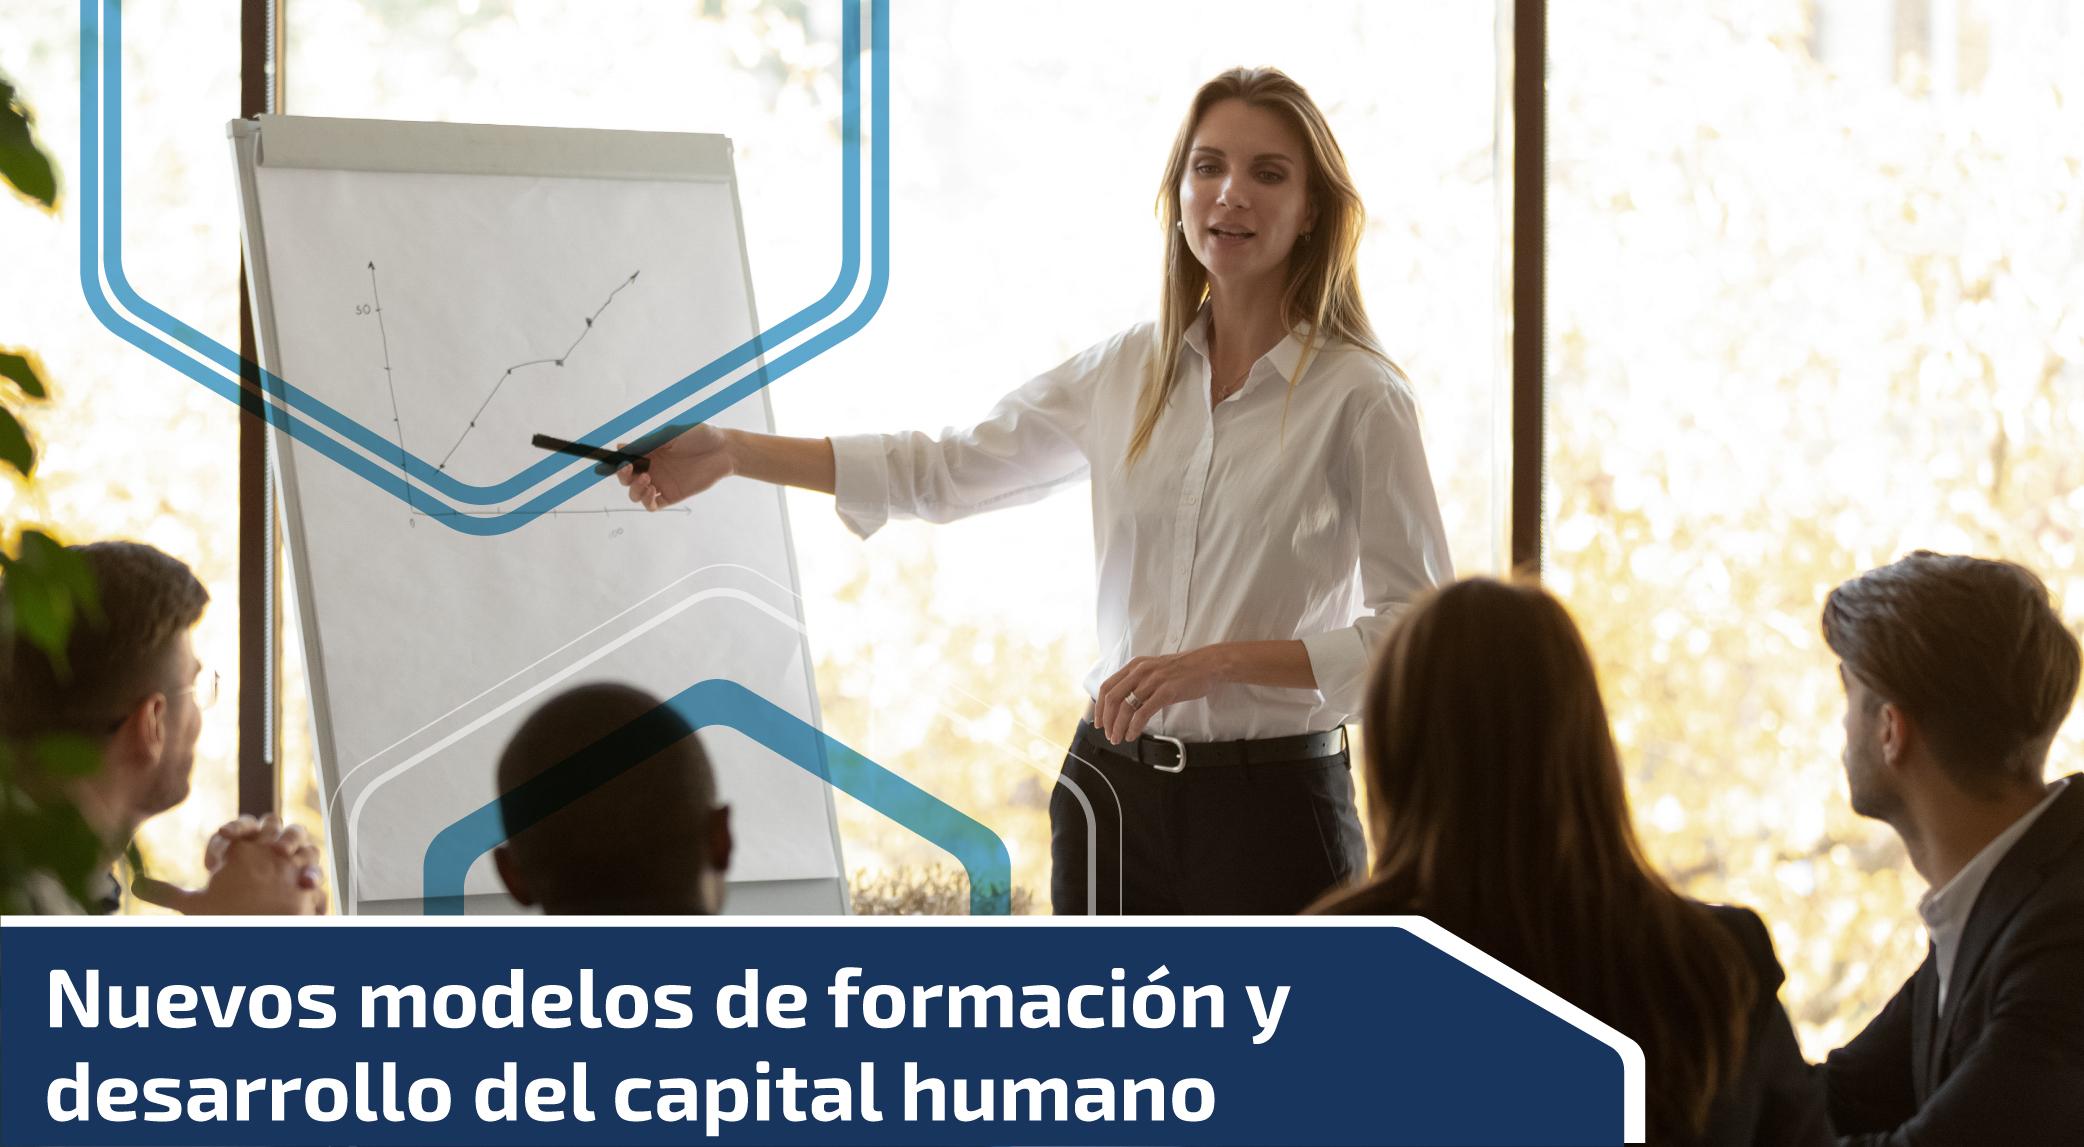 Nuevos modelos de formación y desarrollo del capital humano